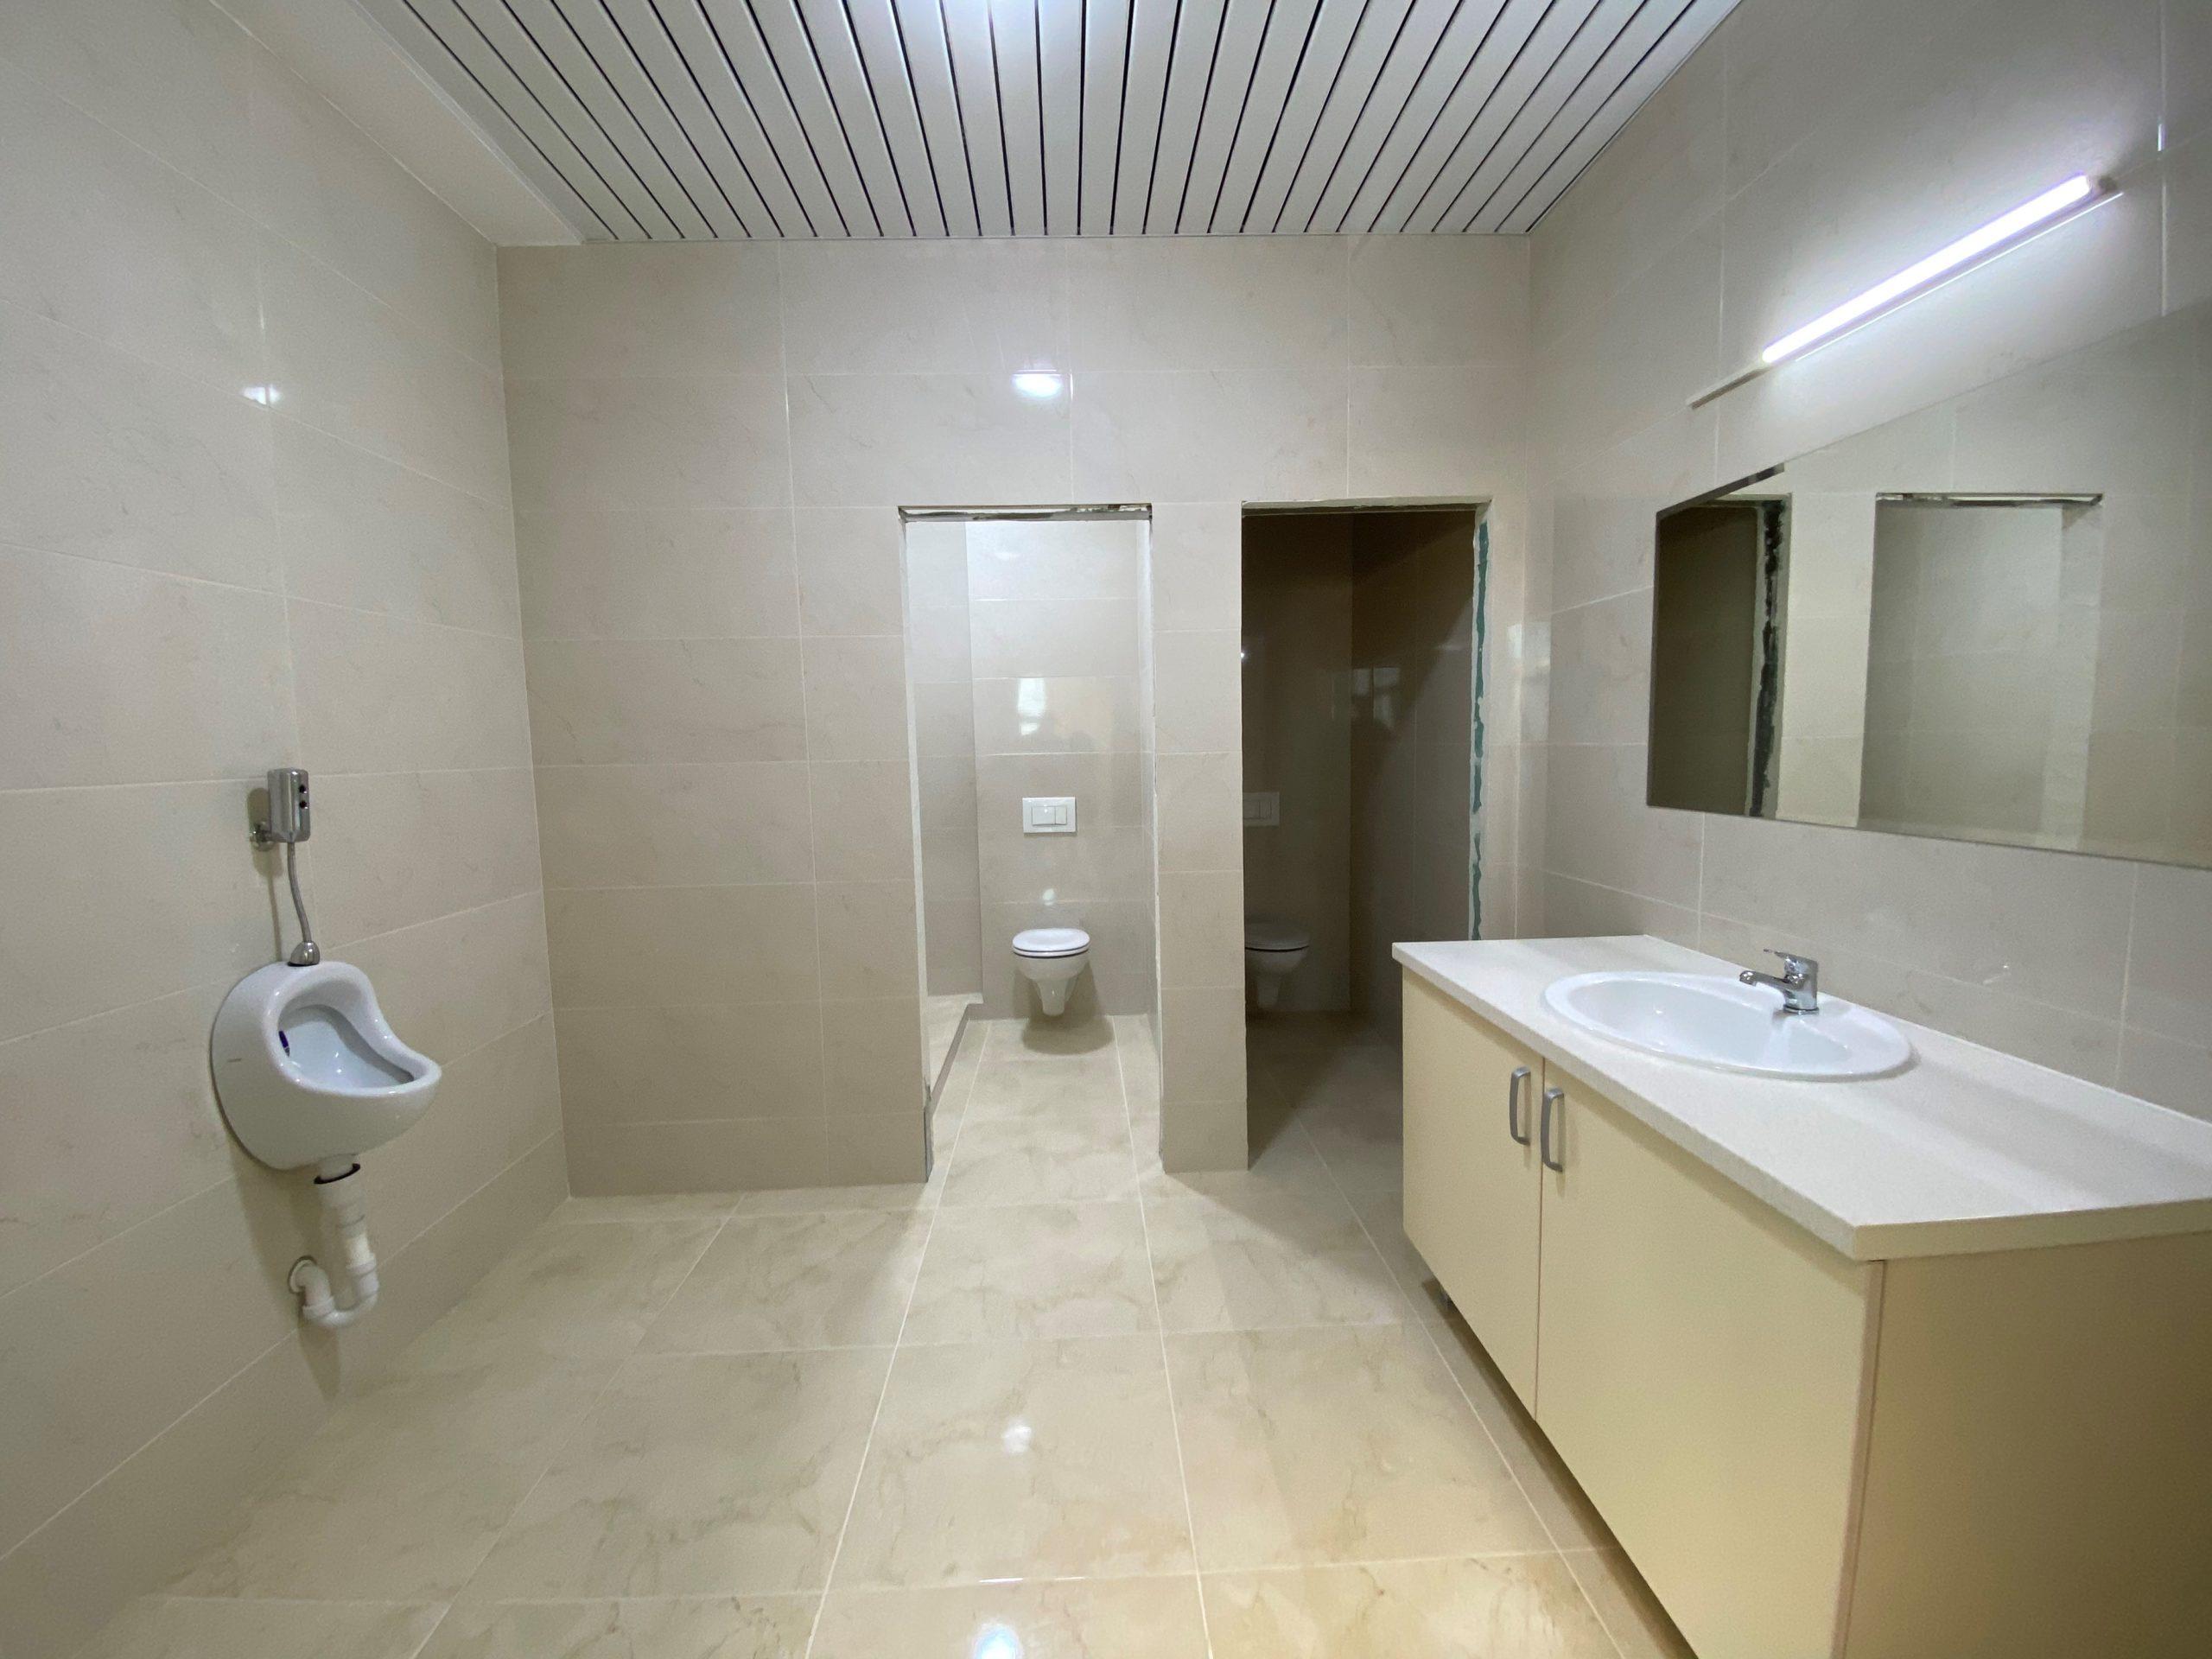 izvedba-toaleti-soravia